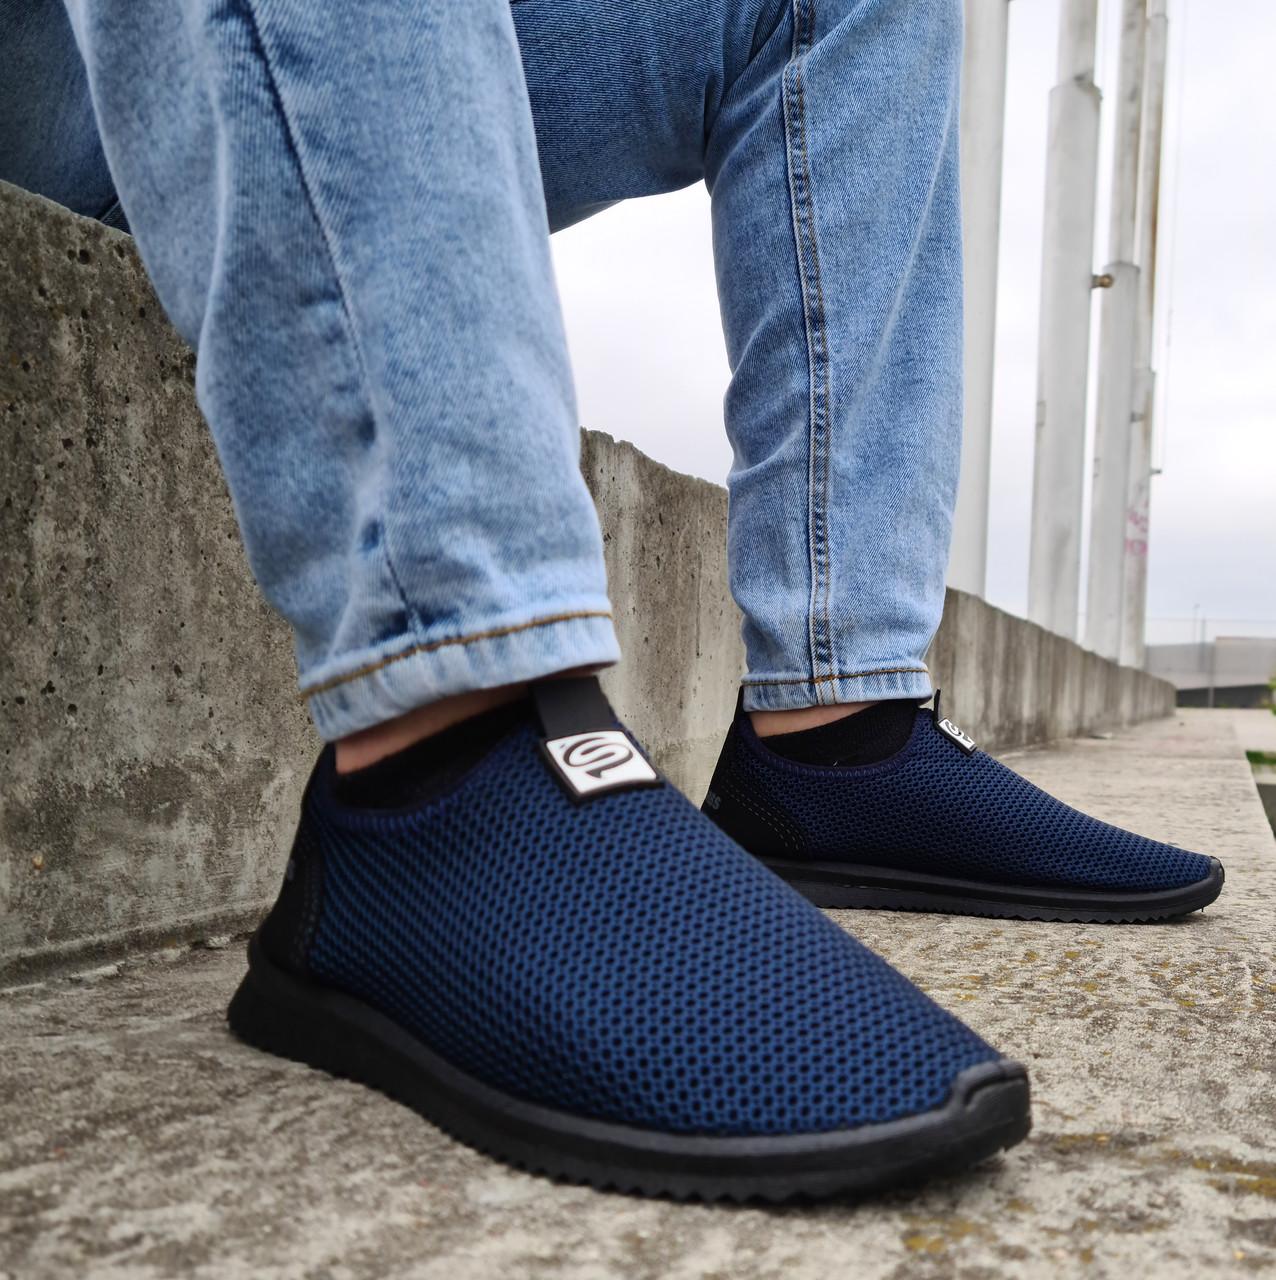 Кросівки літні чоловічі синього кольору мокасини (ПР-3902с)